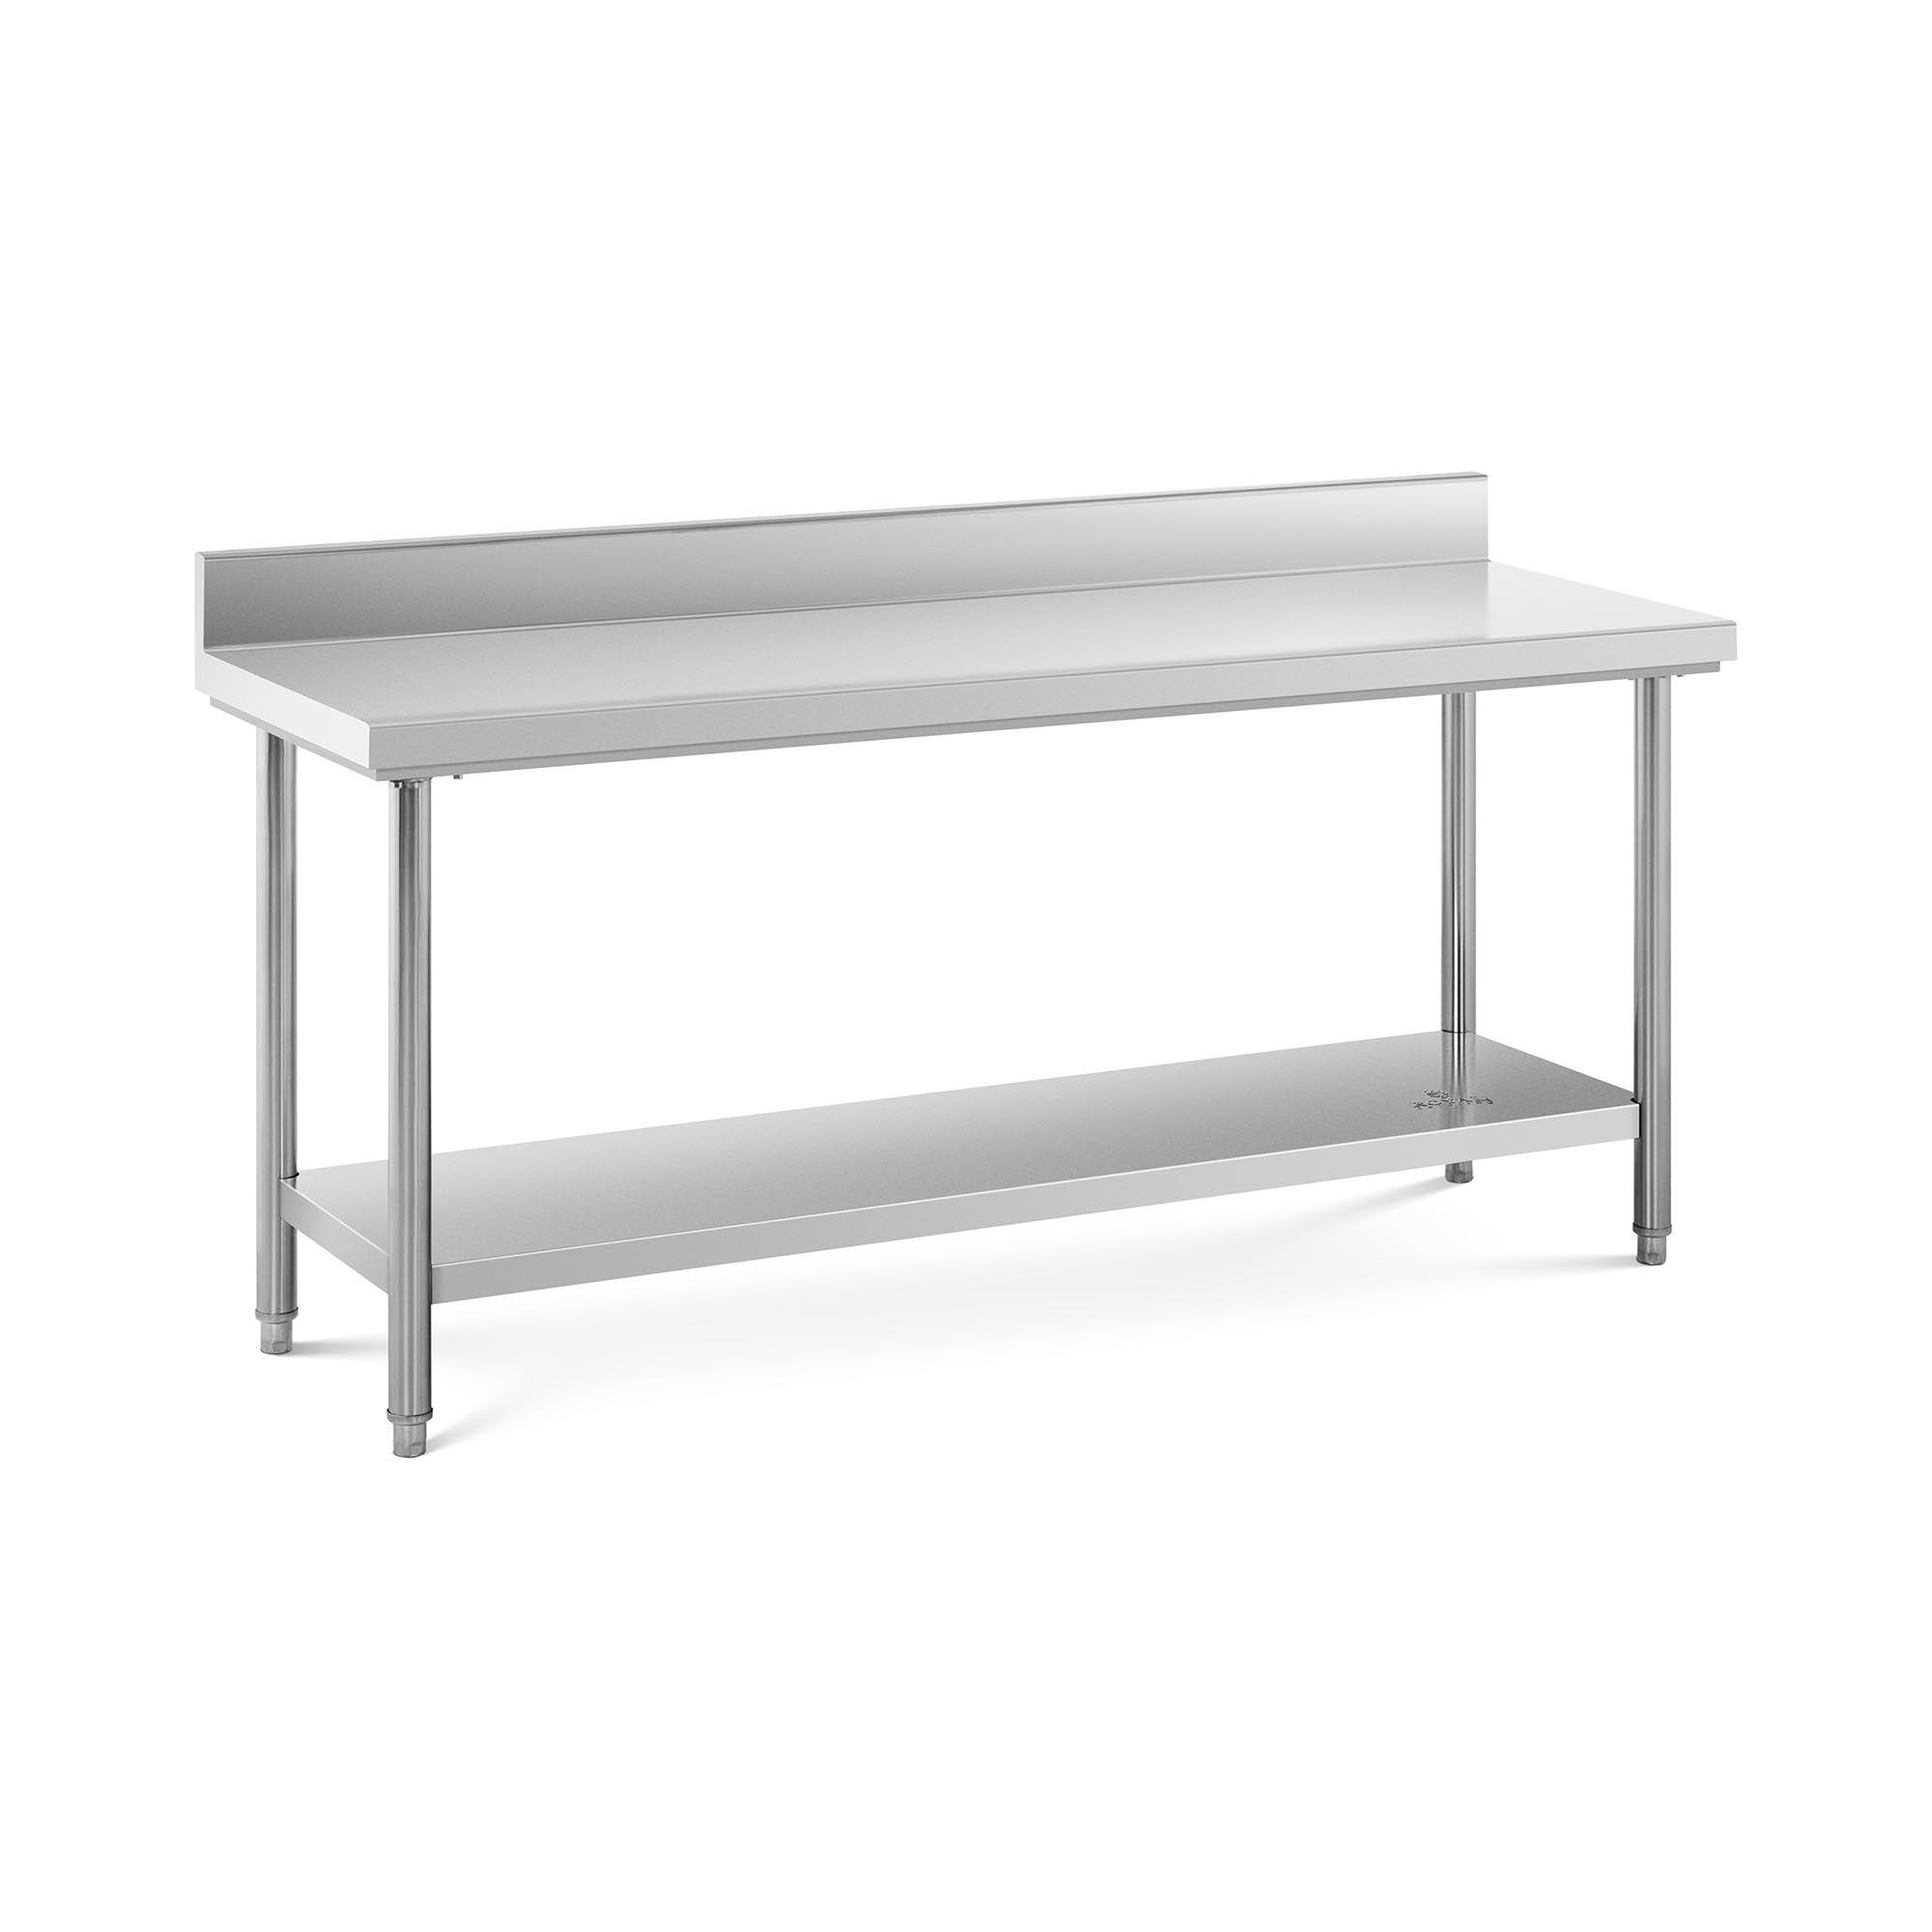 Royal Catering Table de travail inox avec dosseret - 180 x 60 cm - Capacité de 170 kg